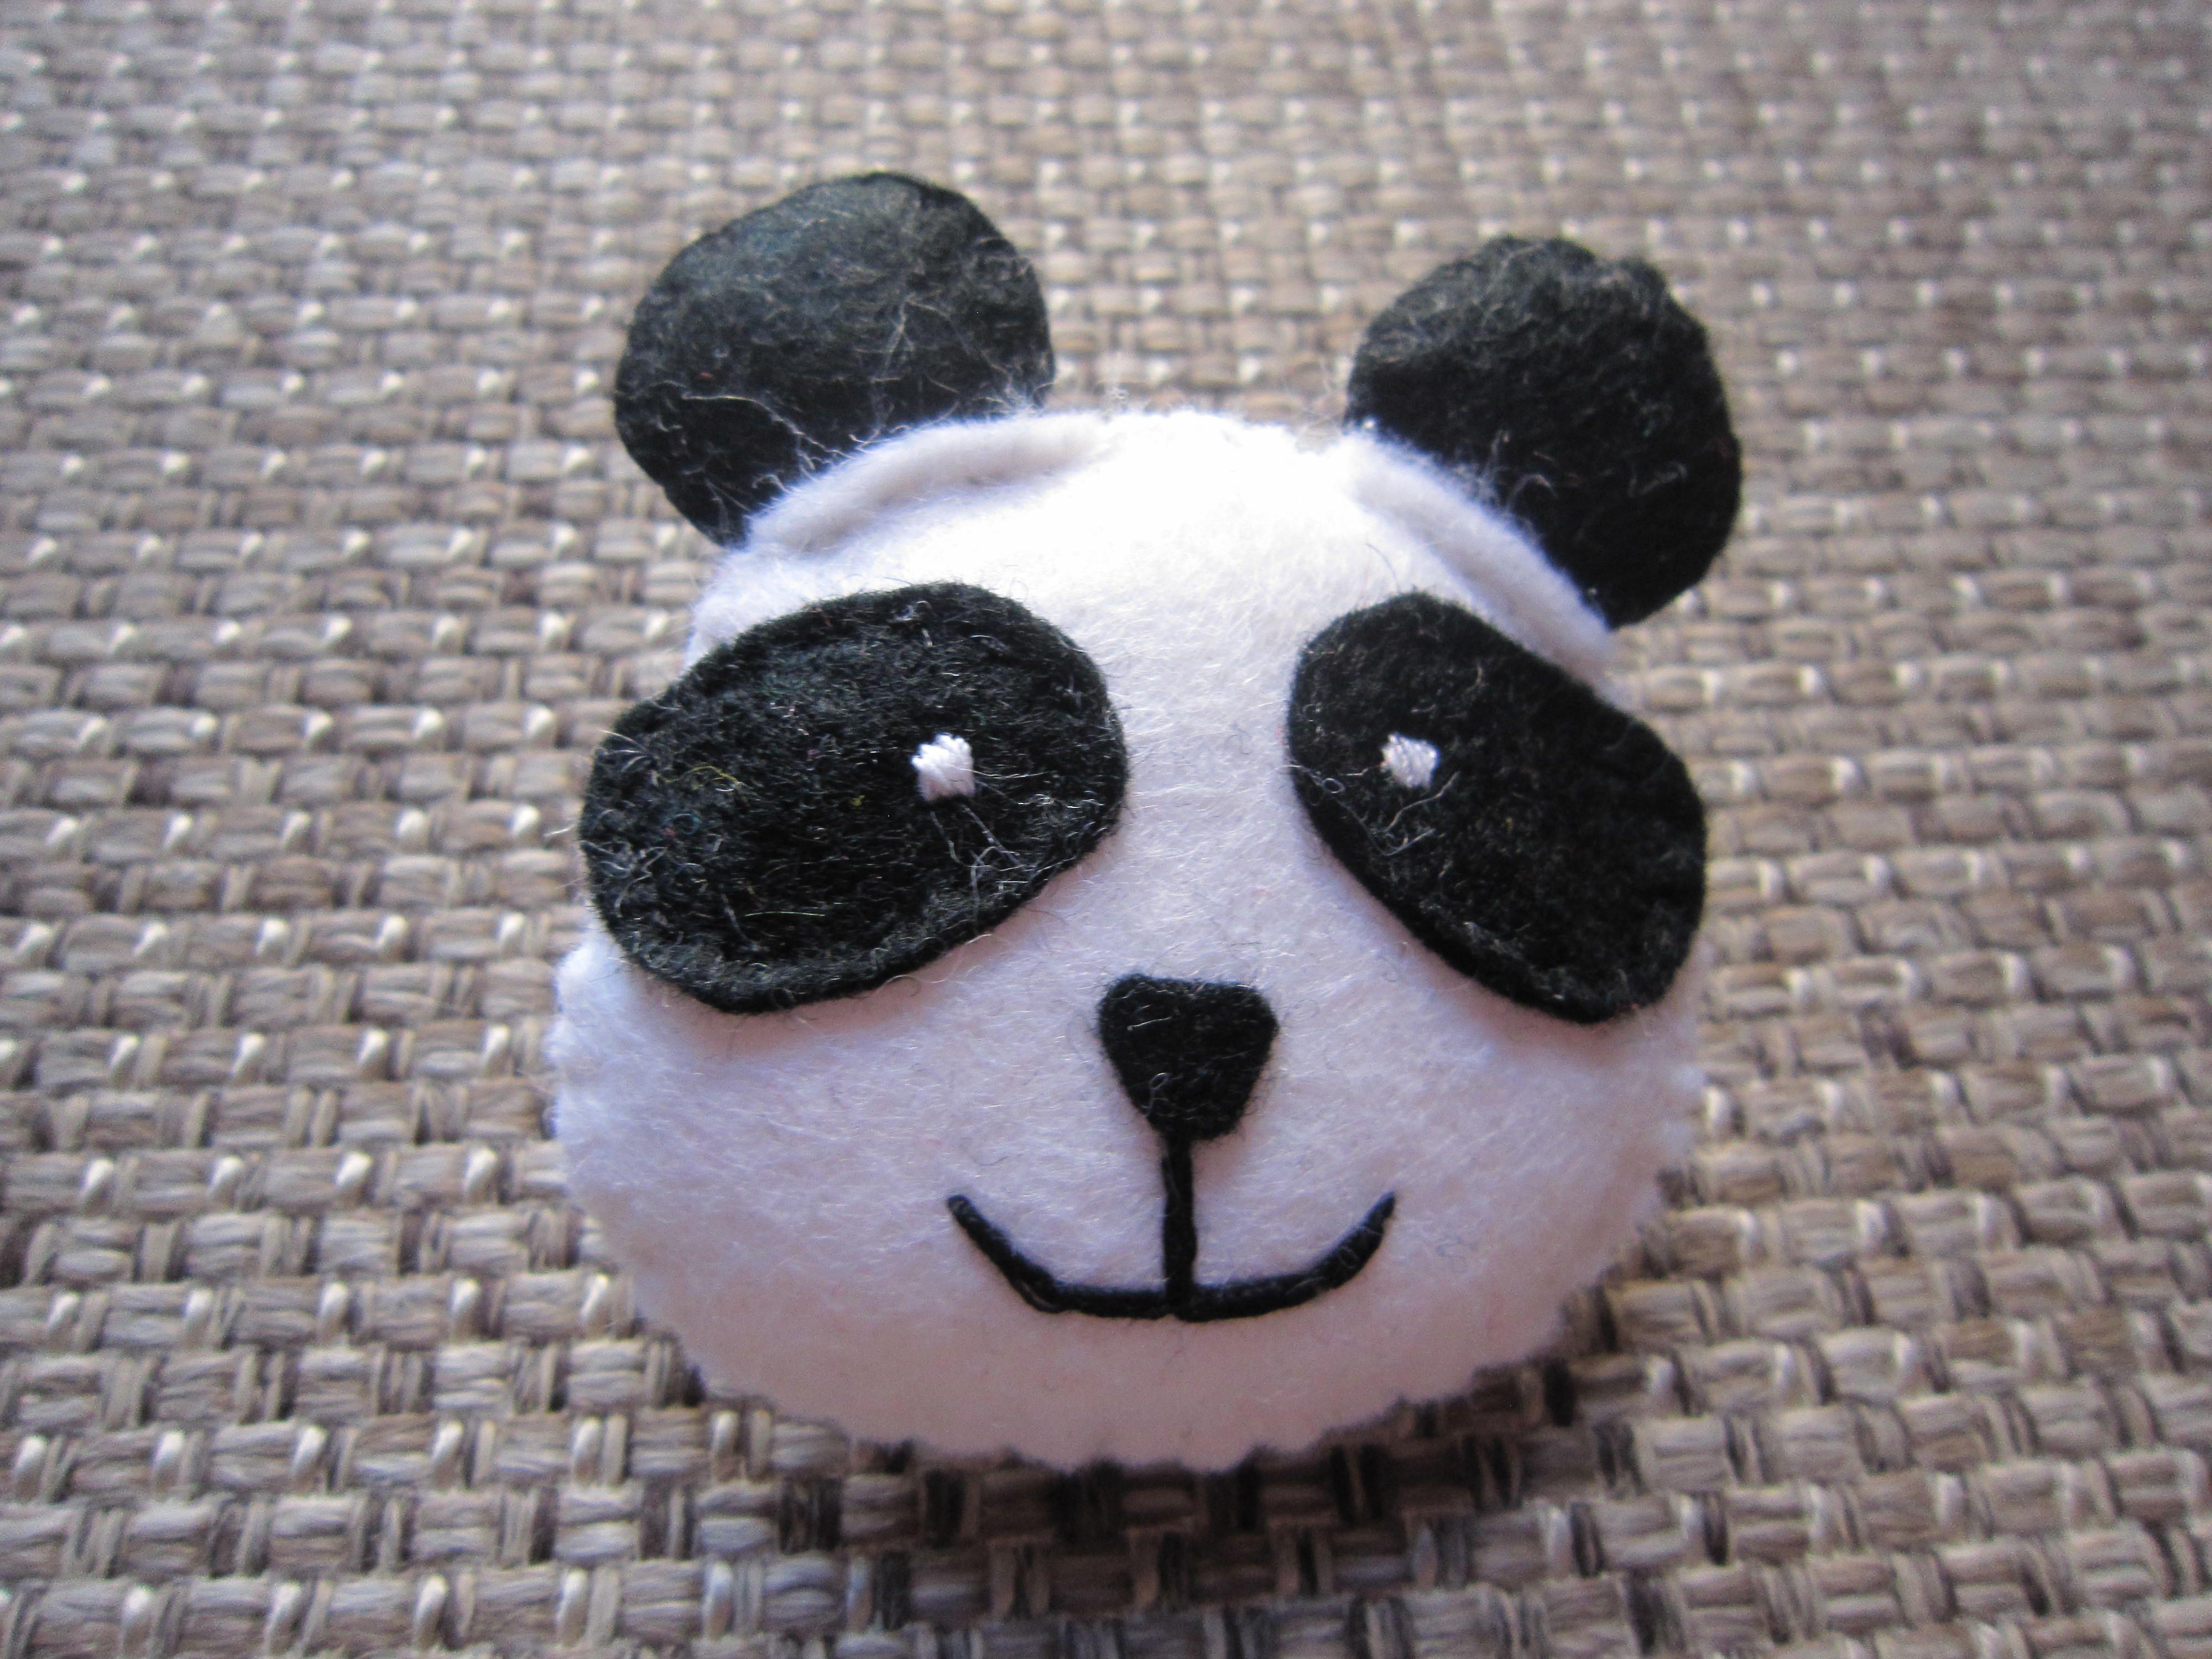 Oso panda. Broche en fieltro con relleno. (Panda bear. Soft felt brooch) 5€